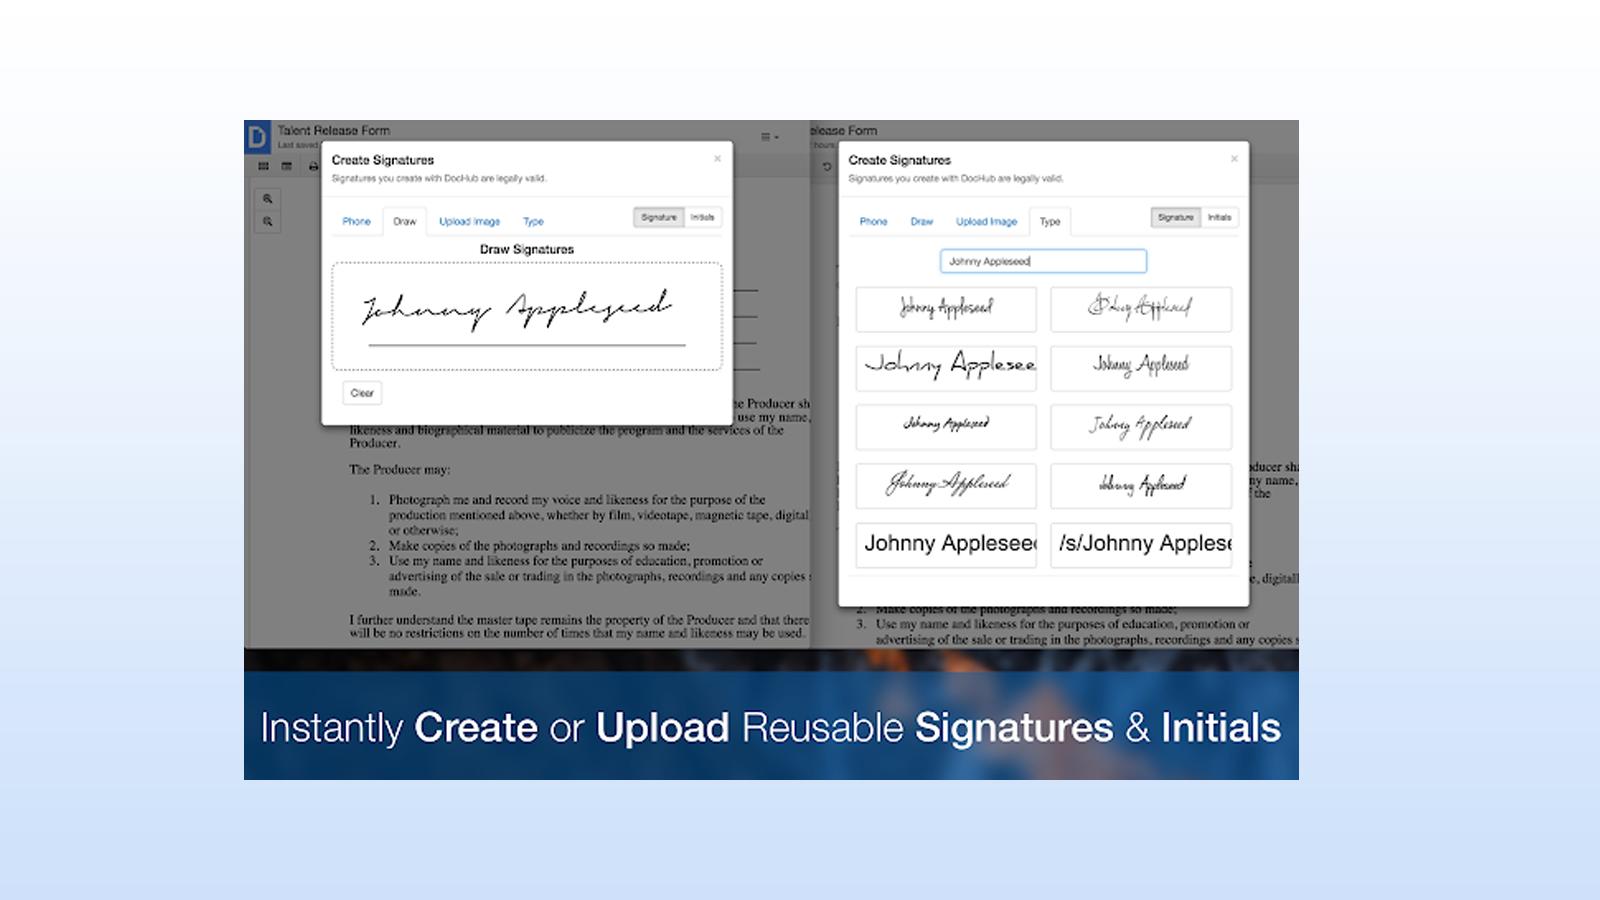 DocHub add-on for digitally signing documents